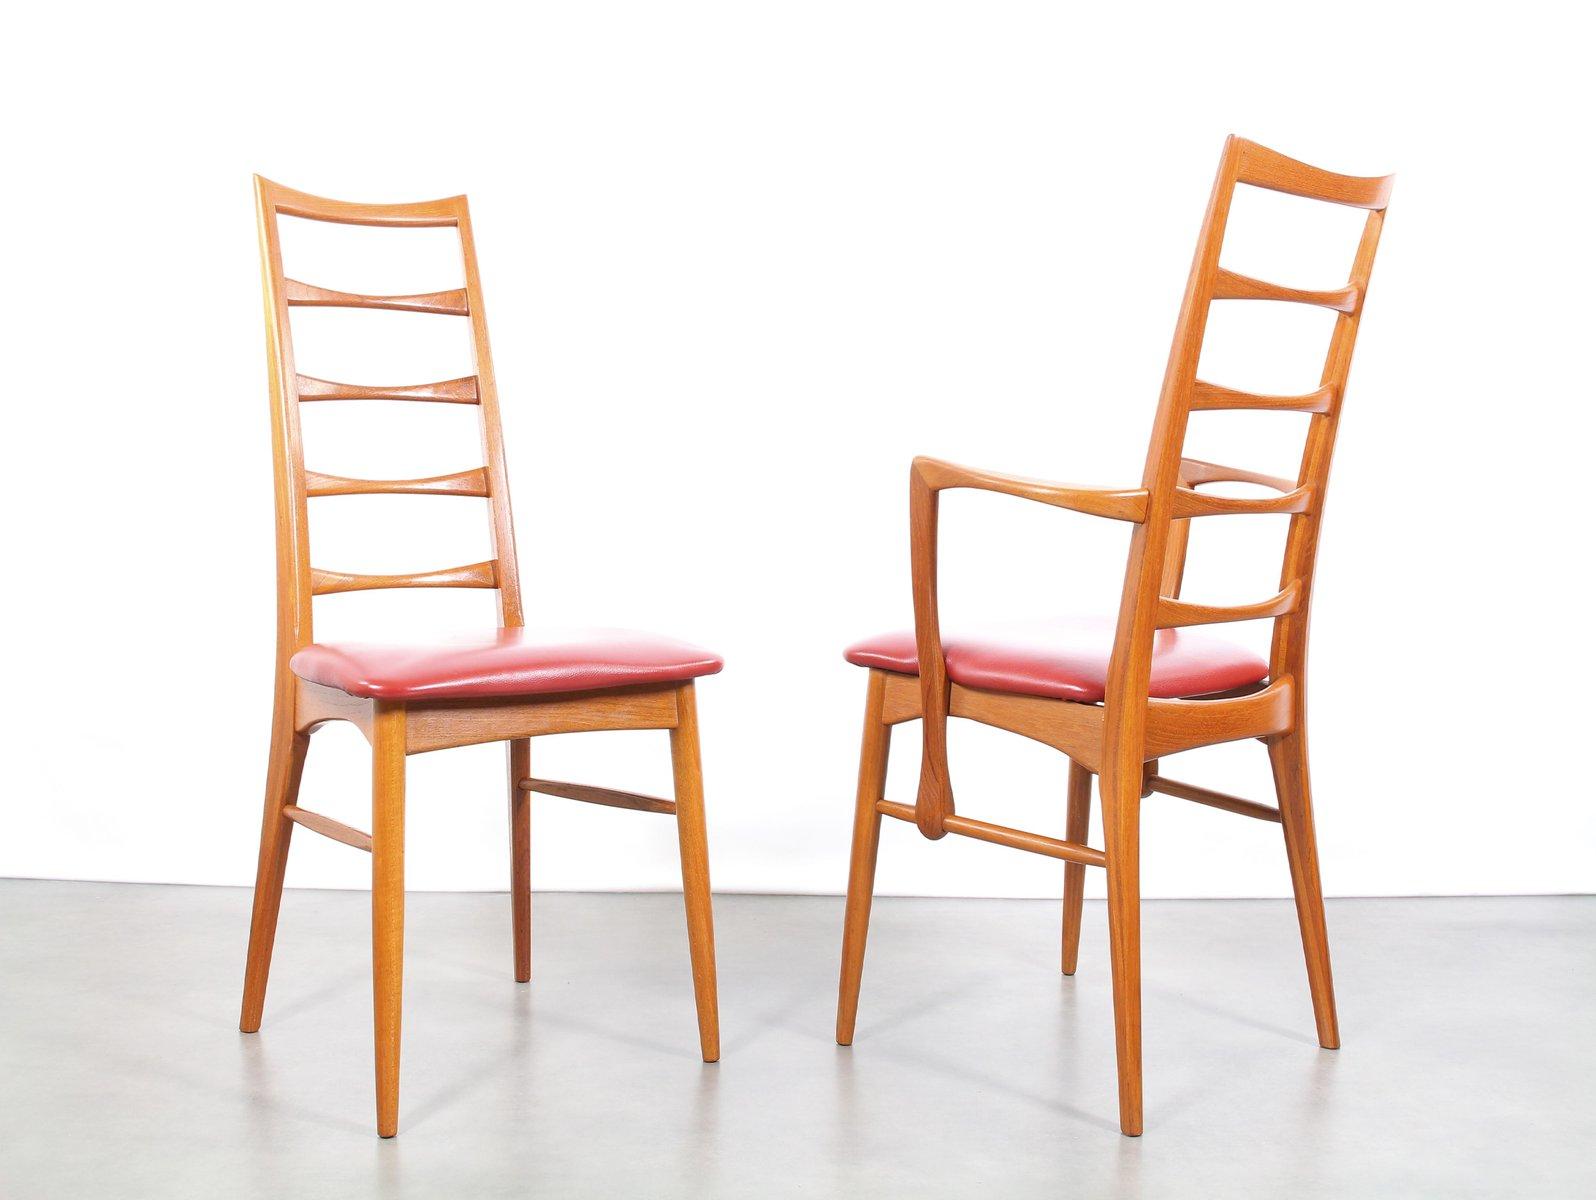 d nische mid century st hle von niels koefoed f r hornslet mobelfabrik 1960er 8er set bei. Black Bedroom Furniture Sets. Home Design Ideas